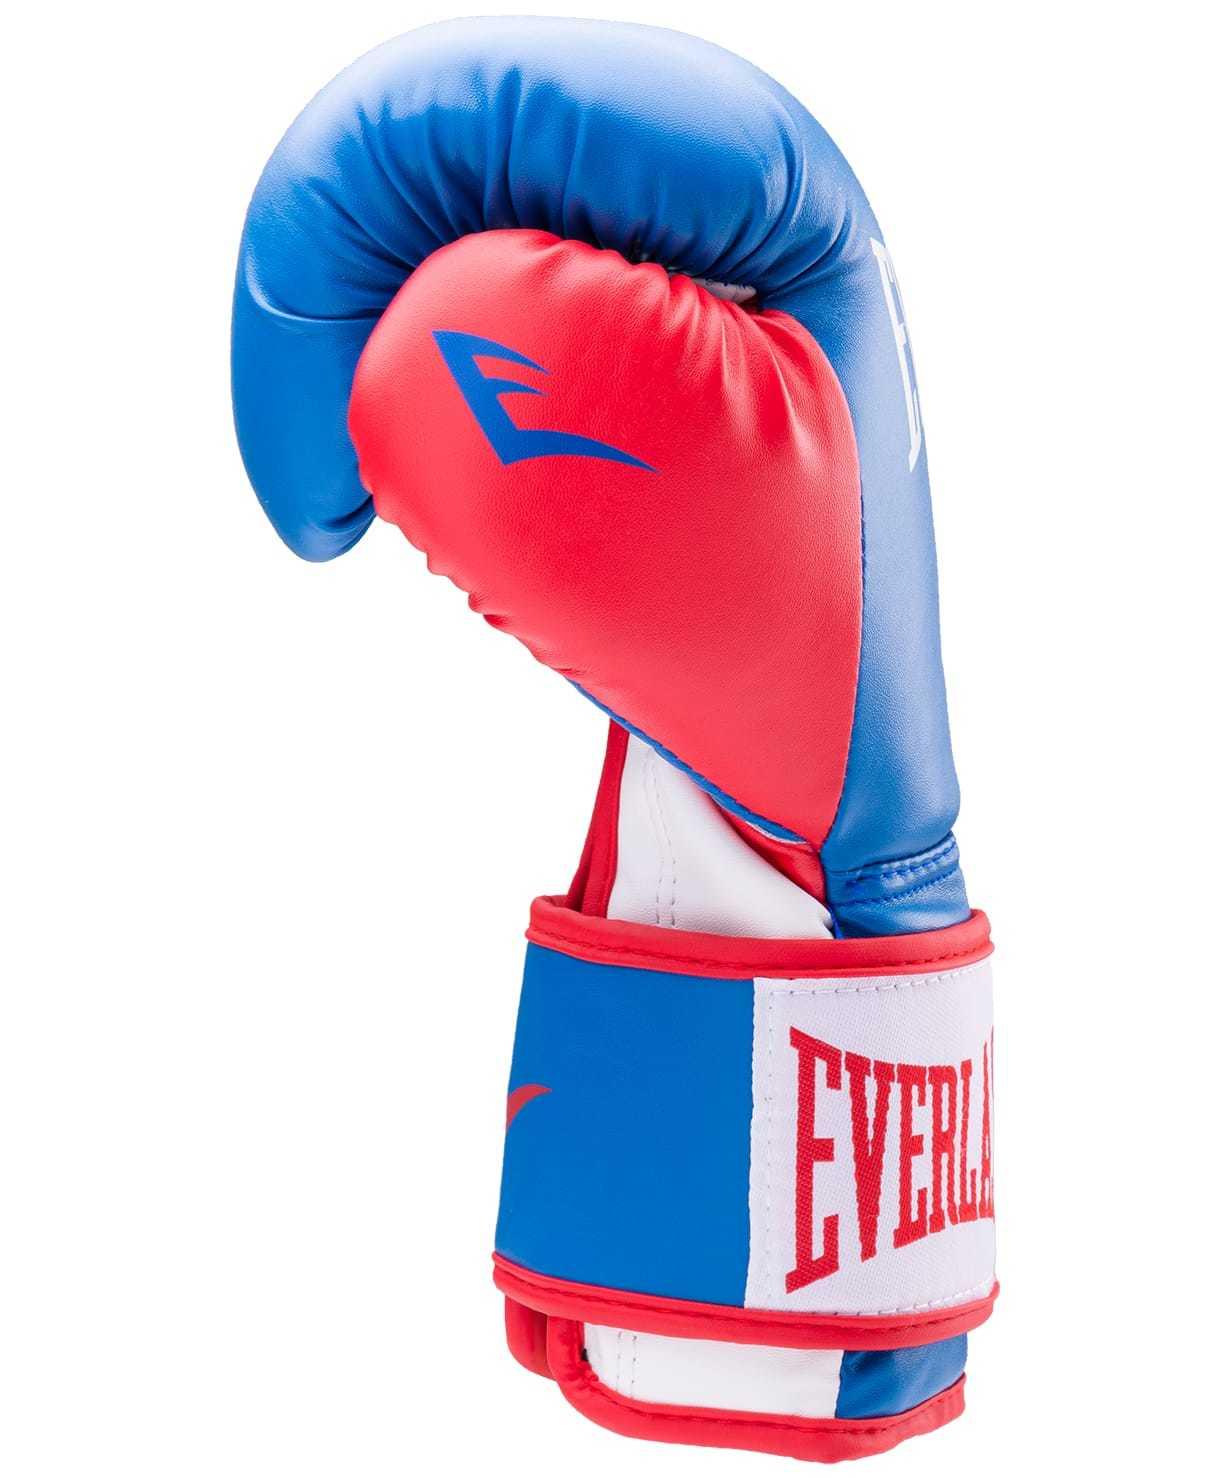 Перчатки Перчатки боксерские Prospect Everlast  синий/красный 3fb792795e6b236a2159a168a8b6afcc.jpg